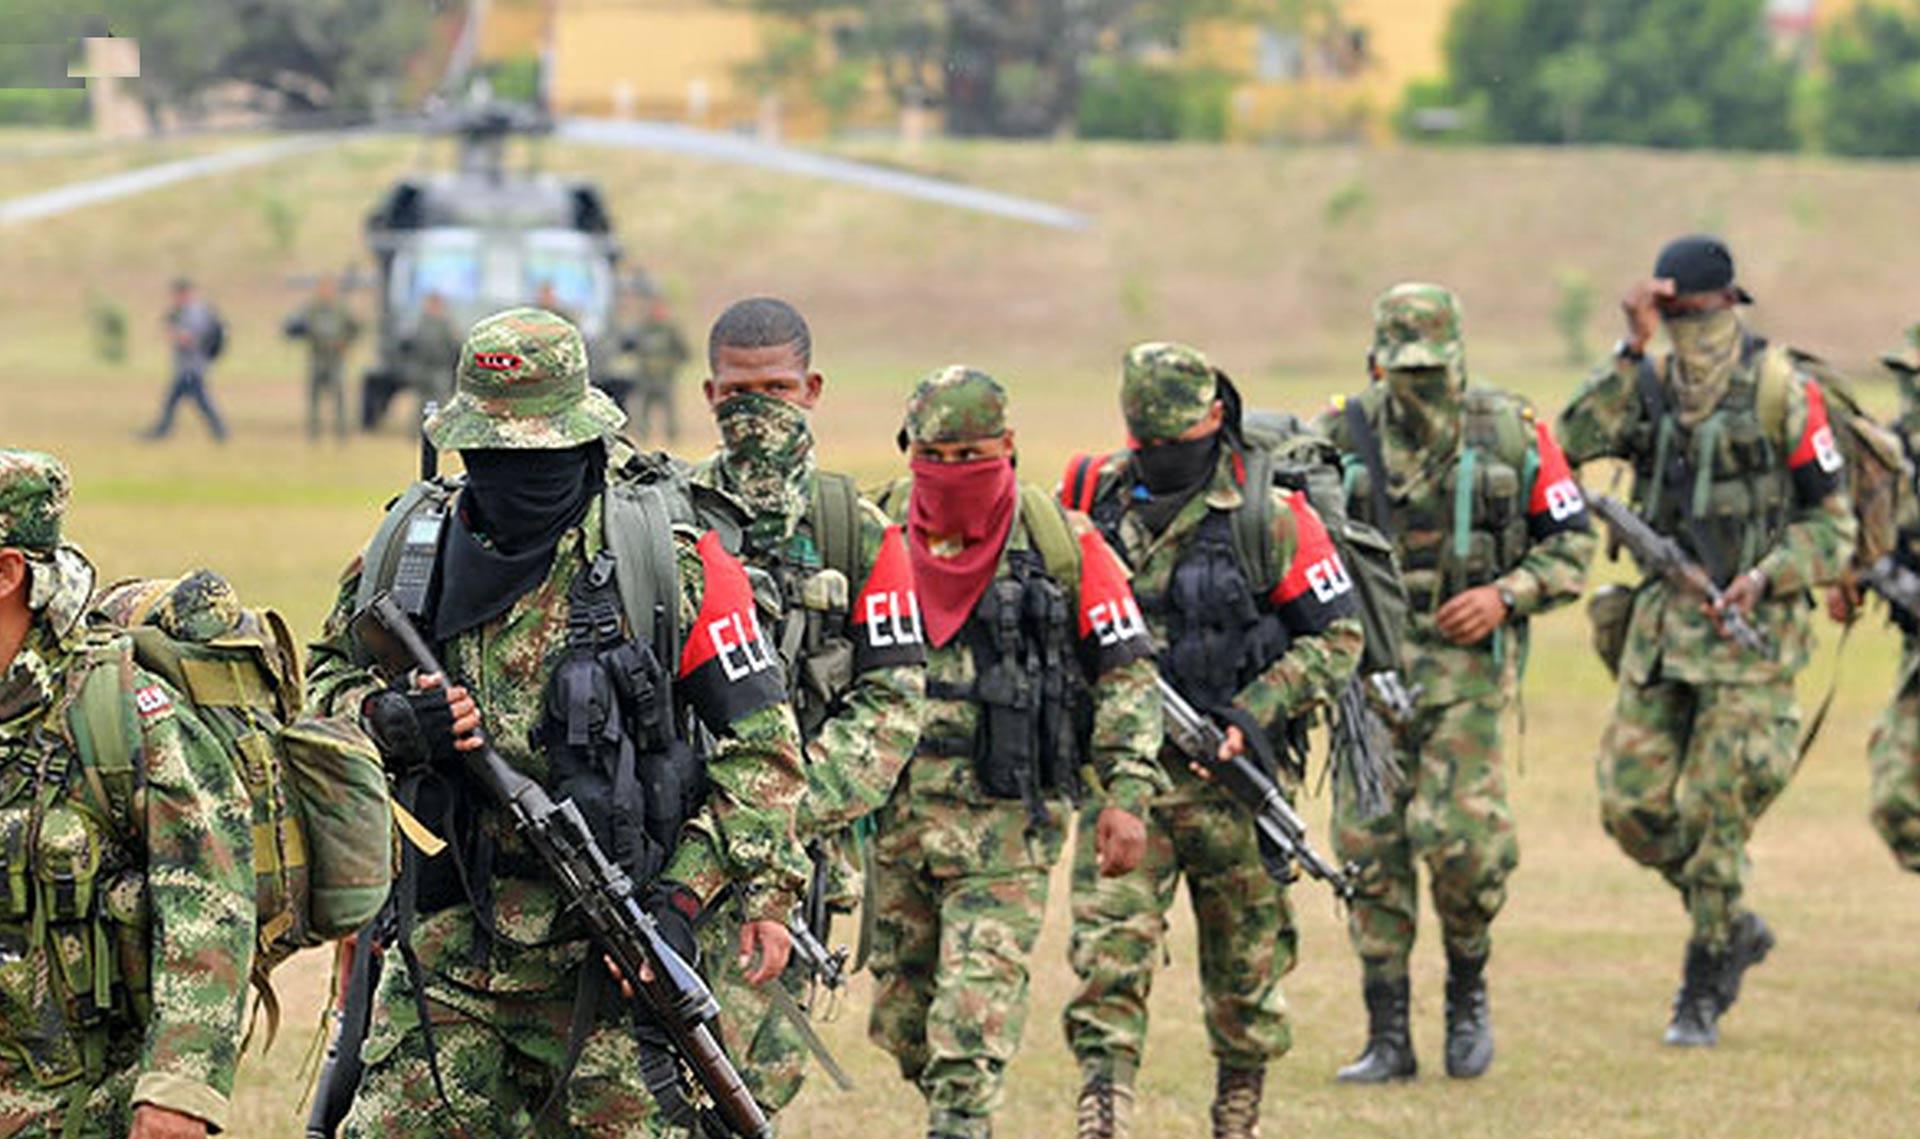 El Comando General de las Fuerzas Militares de Colombia realizó un operativo en zona rural del municipio de El Tambo